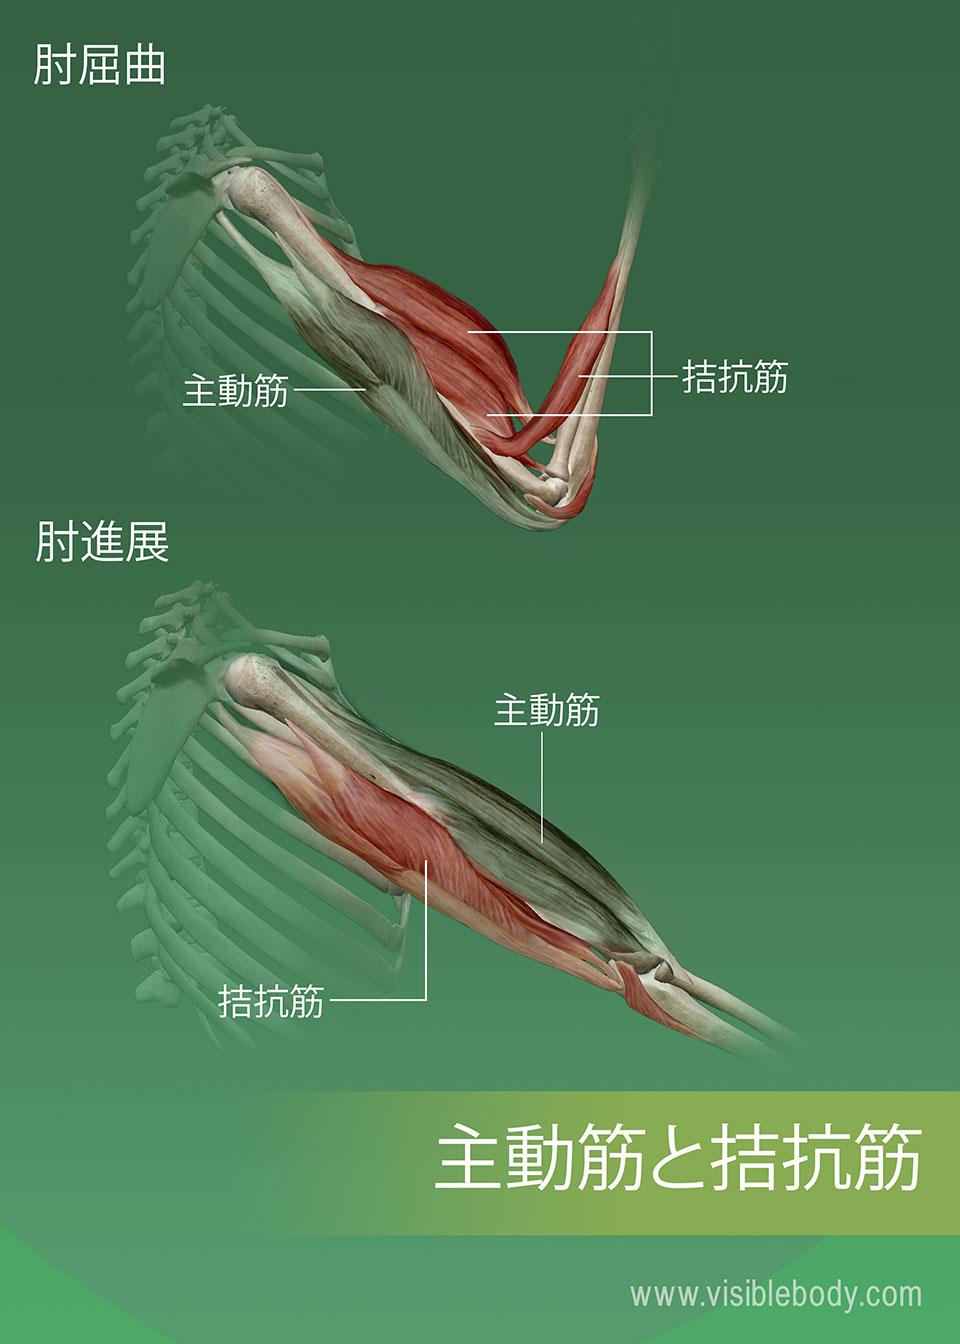 筋肉の主動筋、拮抗筋および協力筋